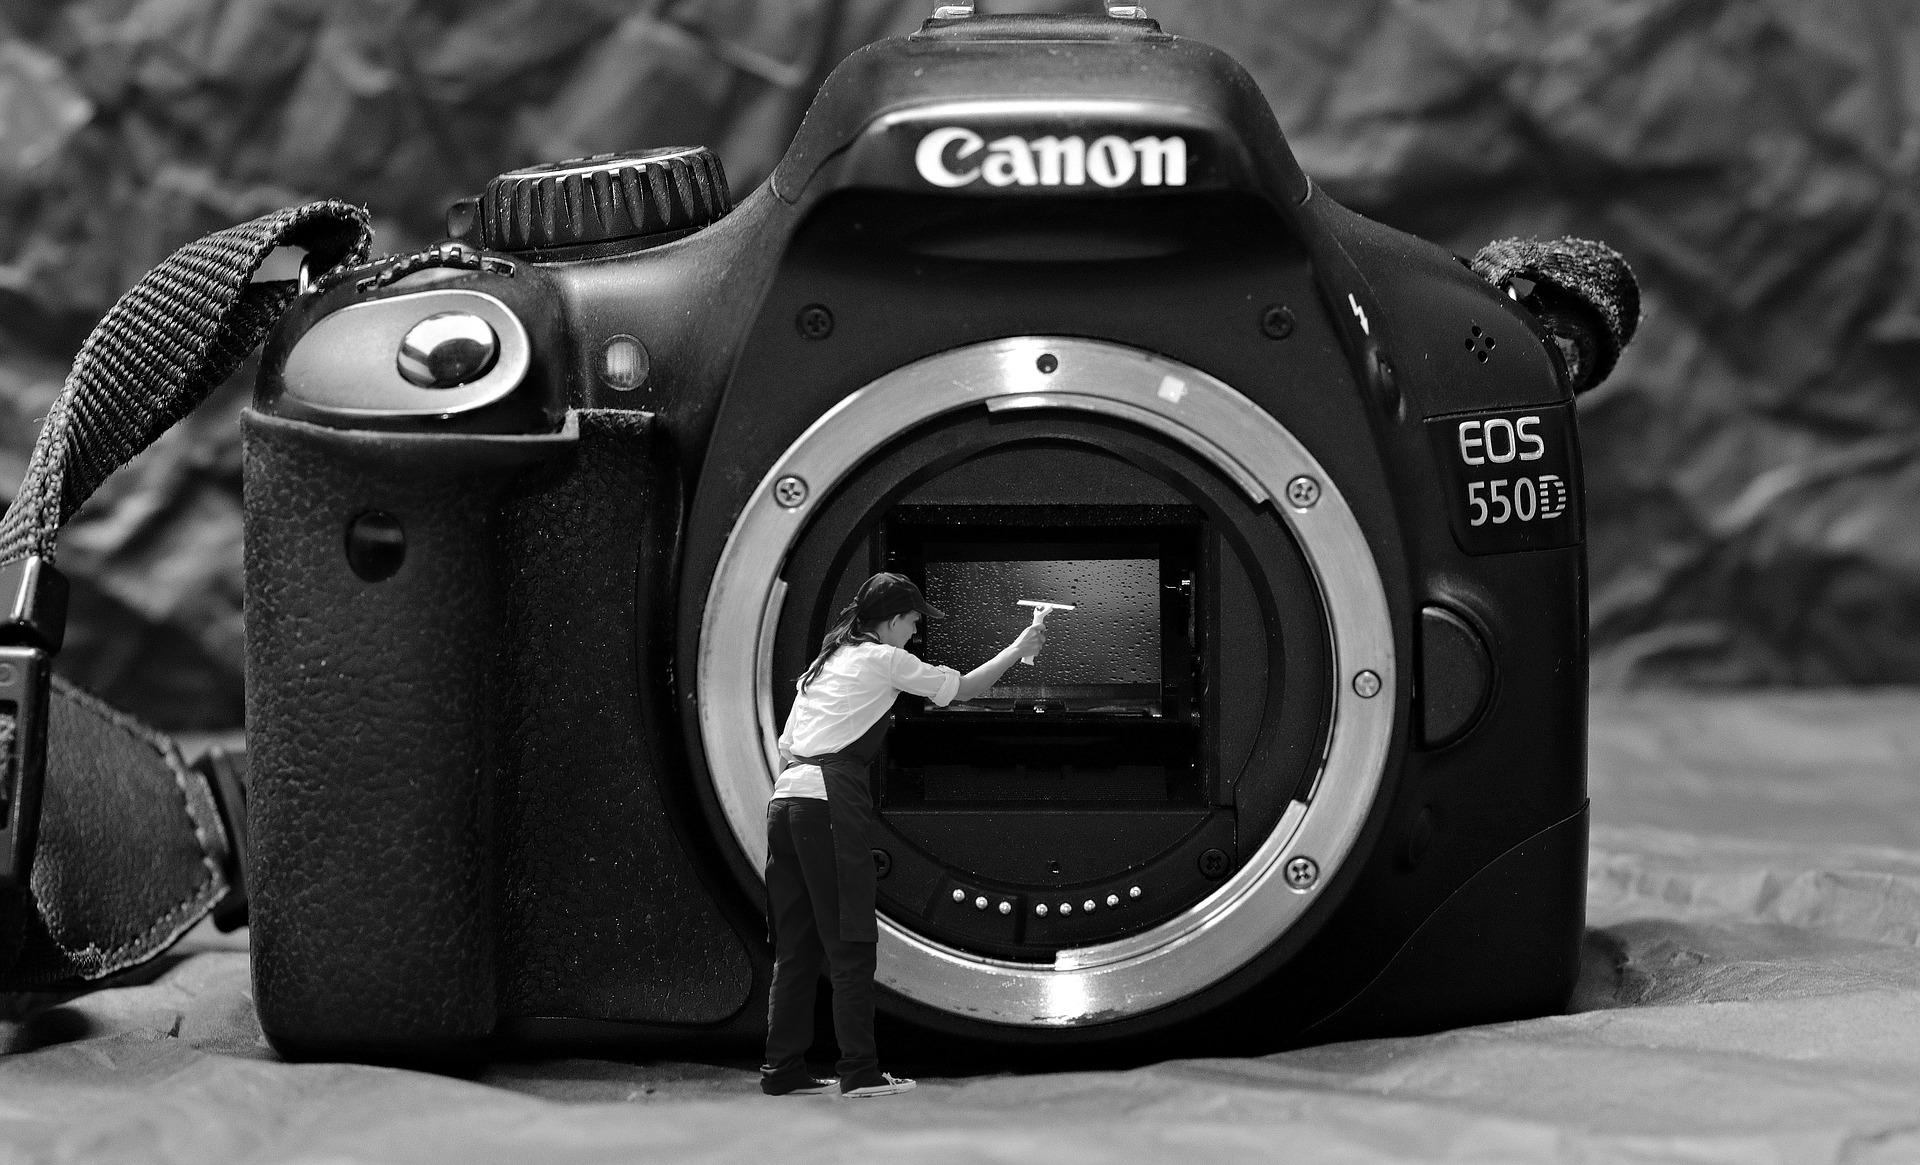 一眼・ミラーレスカメラのセンサーについたゴミを掃除するならセルフよりストア(サービスステーション)にするべき理由